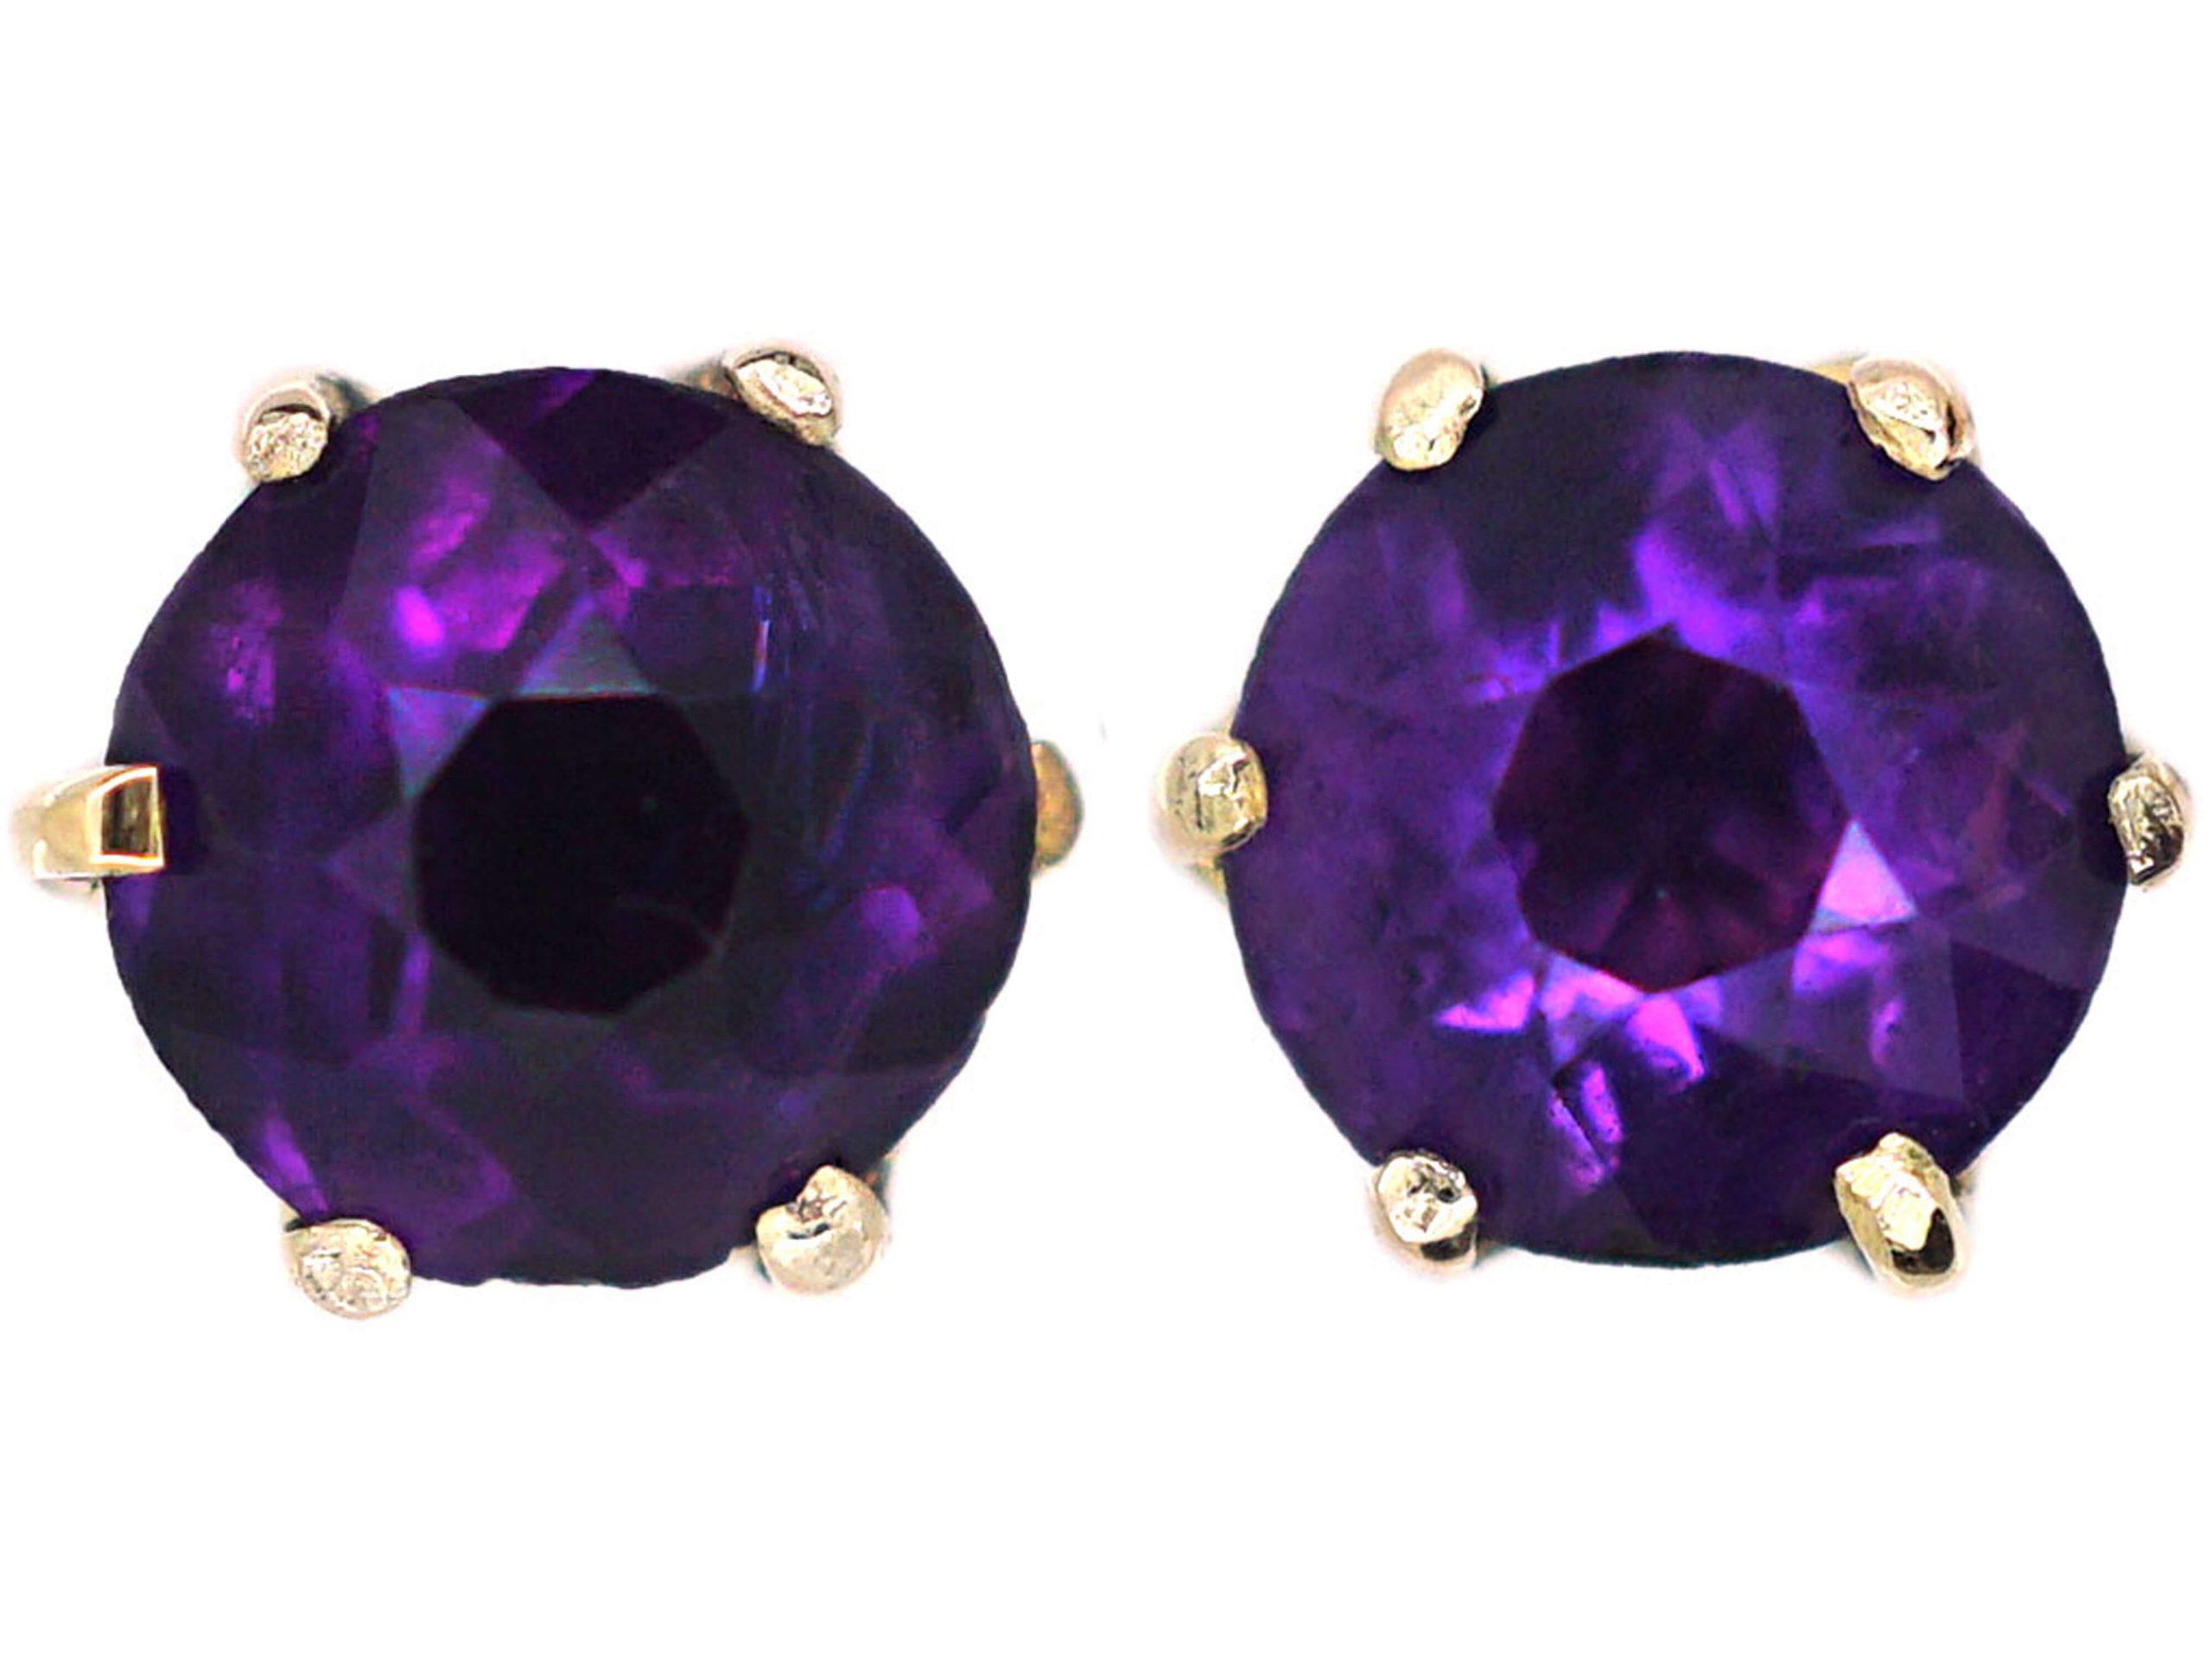 Edwardian 9ct Gold & Amethyst Stud Earrings